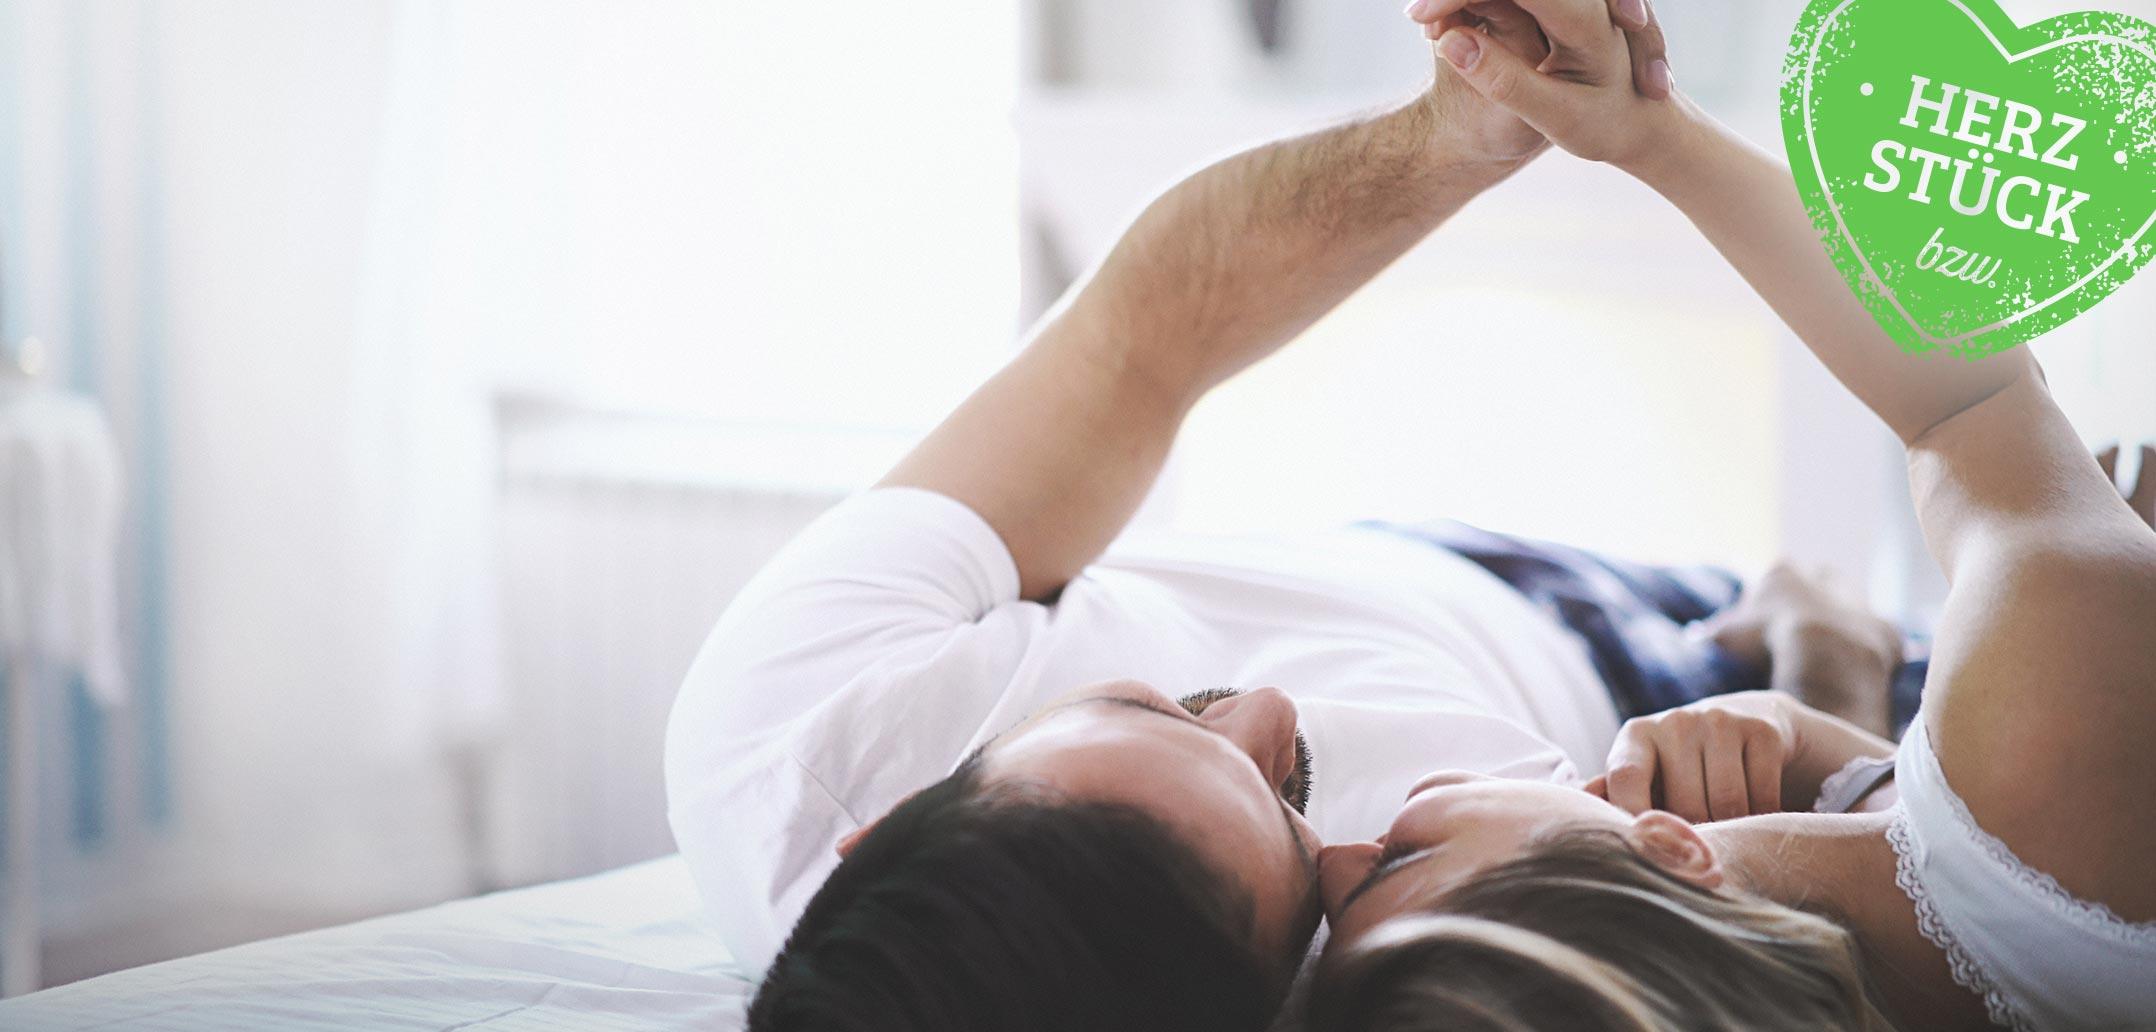 Den Traum von der einen großen Liebe träumt auch die jüngste Generation